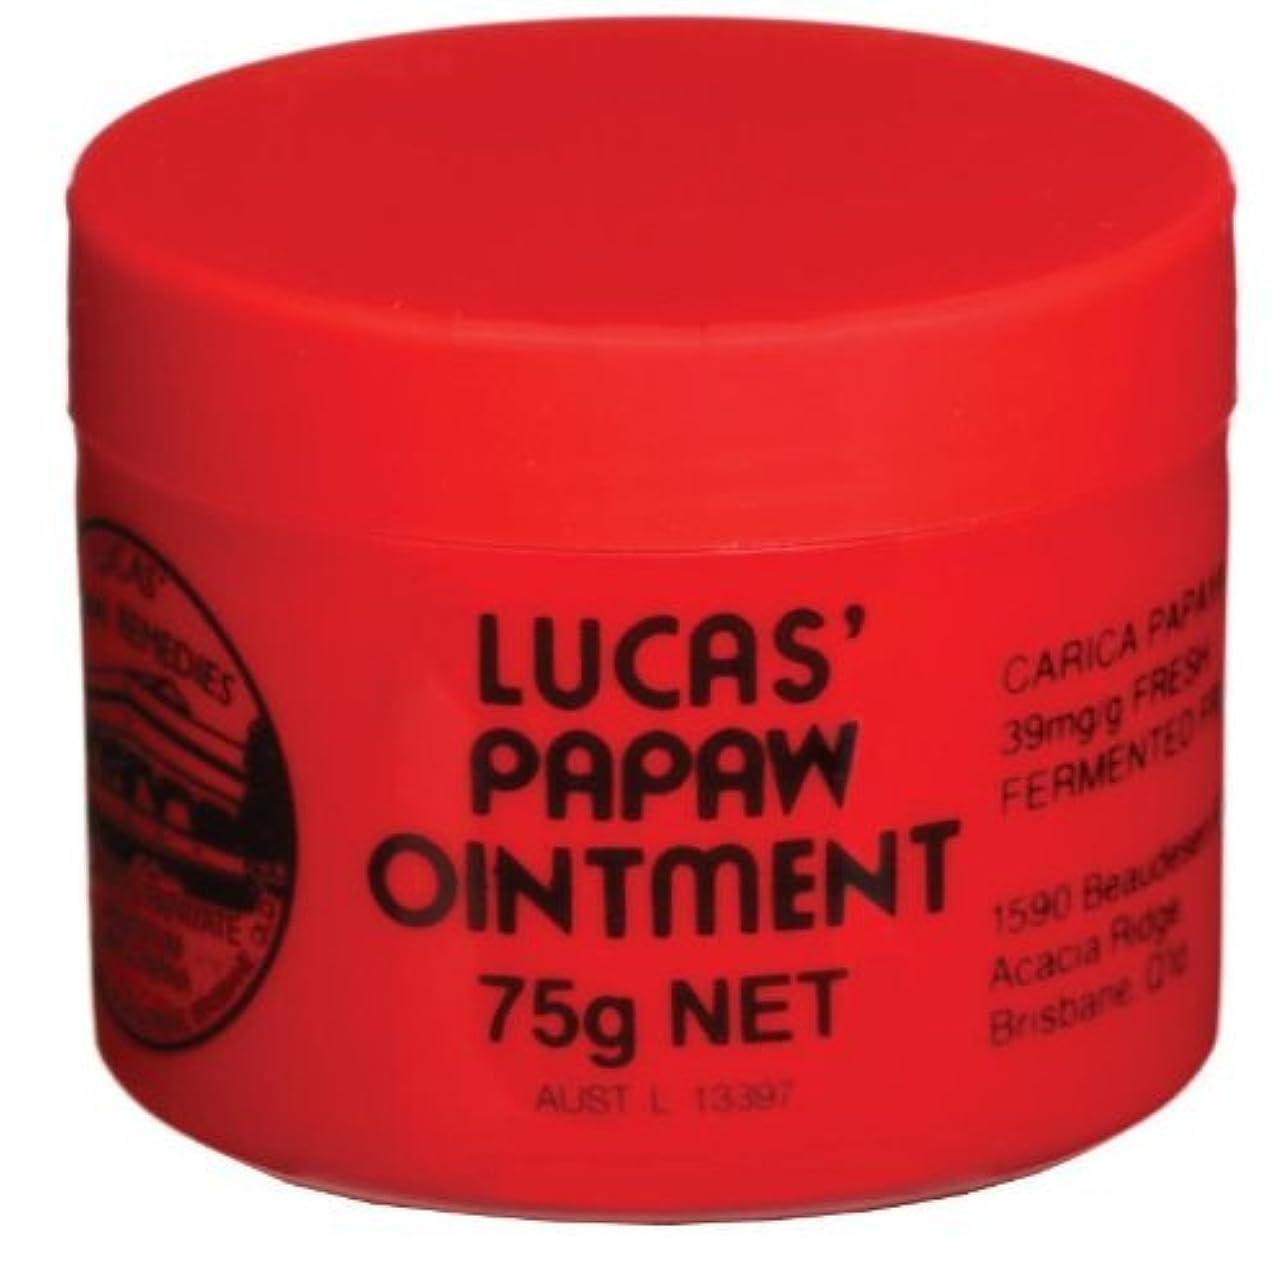 きつくスカリー責め[Lucas' Papaw Ointment] ルーカスポーポークリーム 75g